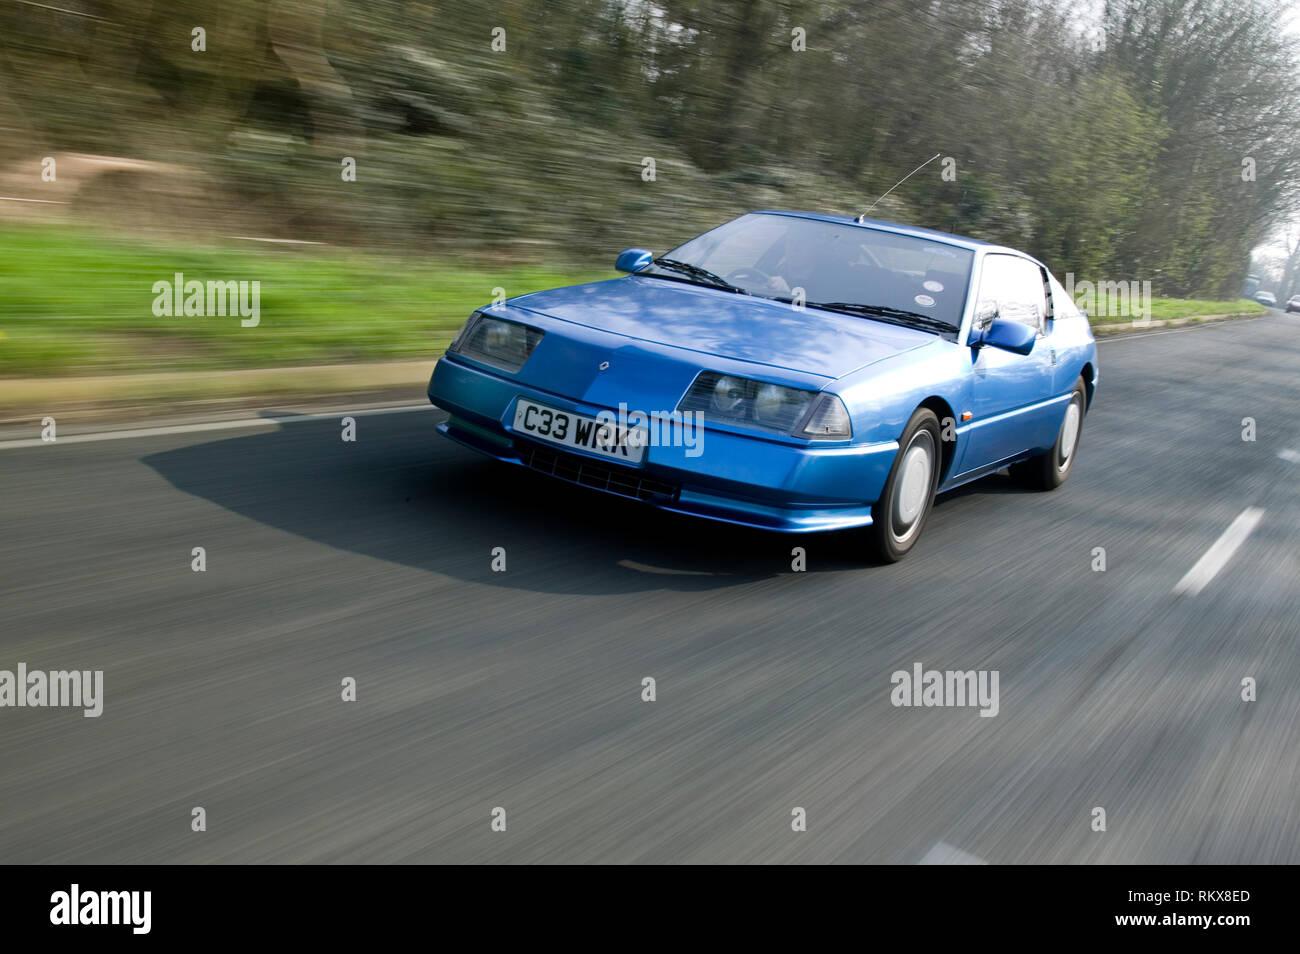 Gta Stock Photos & Gta Stock Images - Alamy